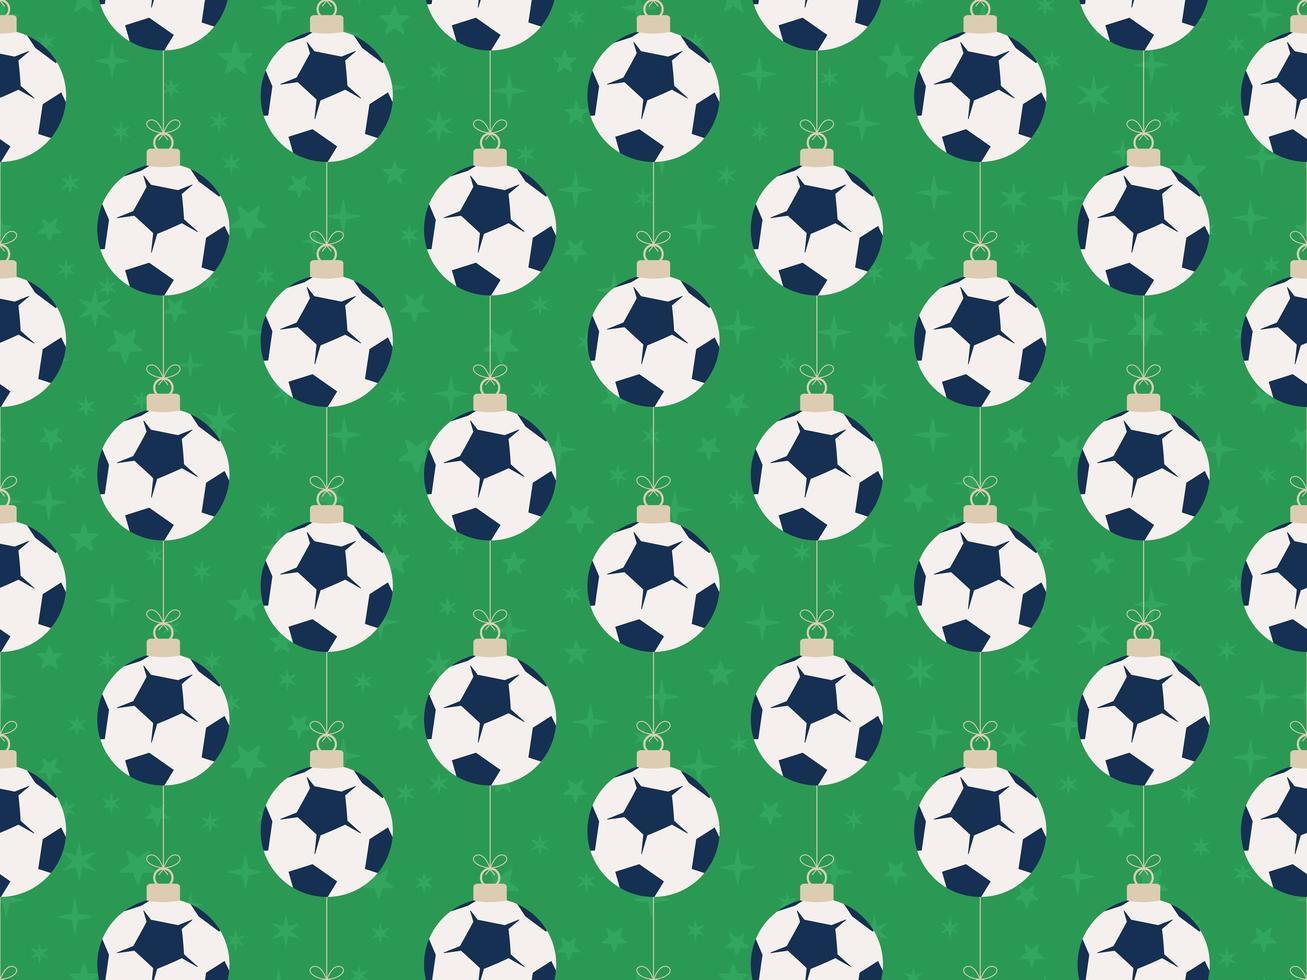 god jul fotboll eller fotboll sömlösa horisontella mönster vektor